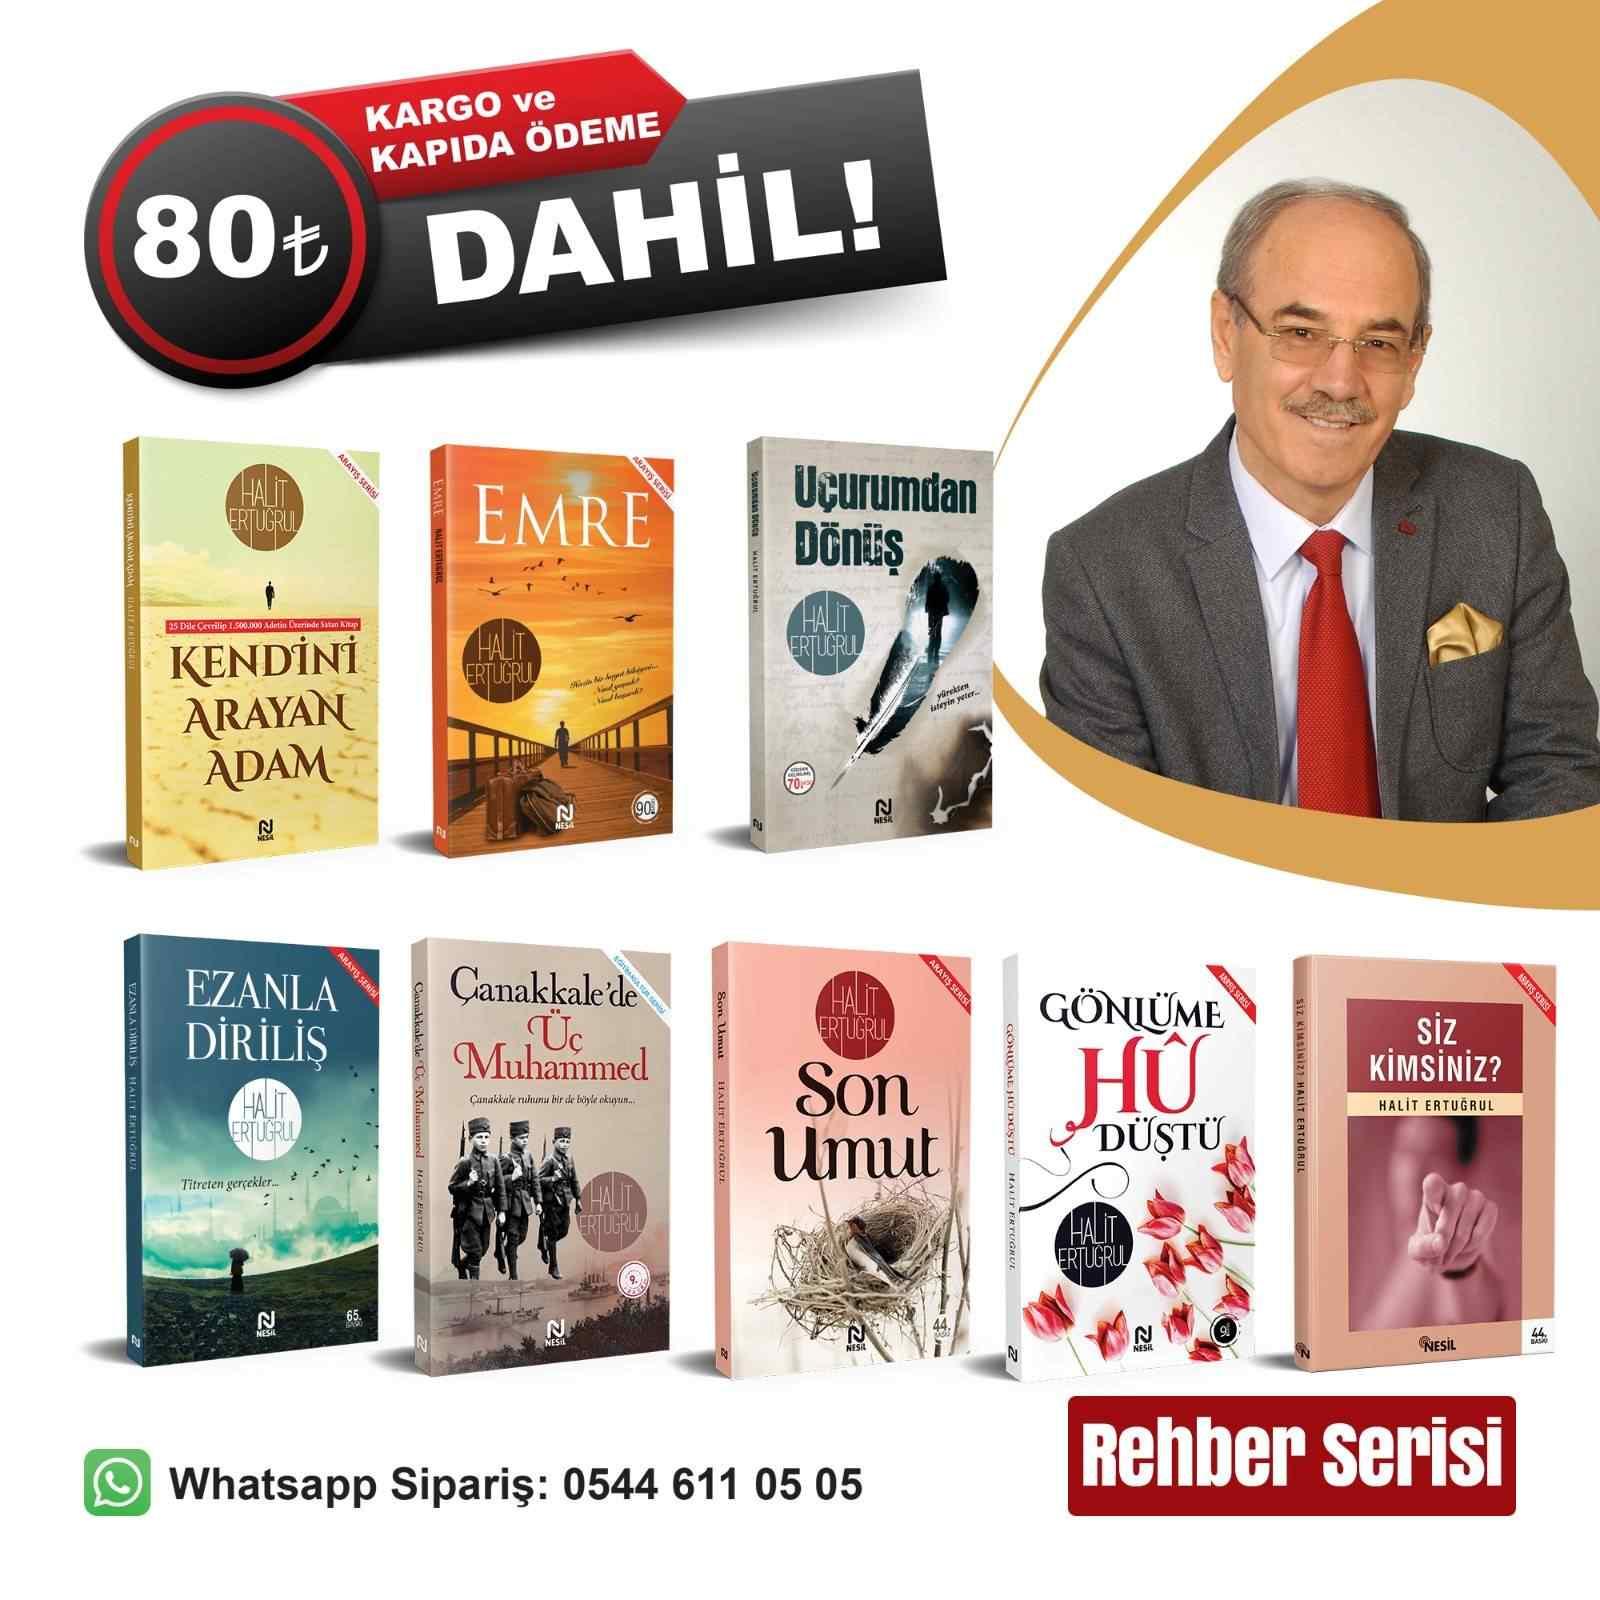 Halit Ertuğrul / Rehber Serisi